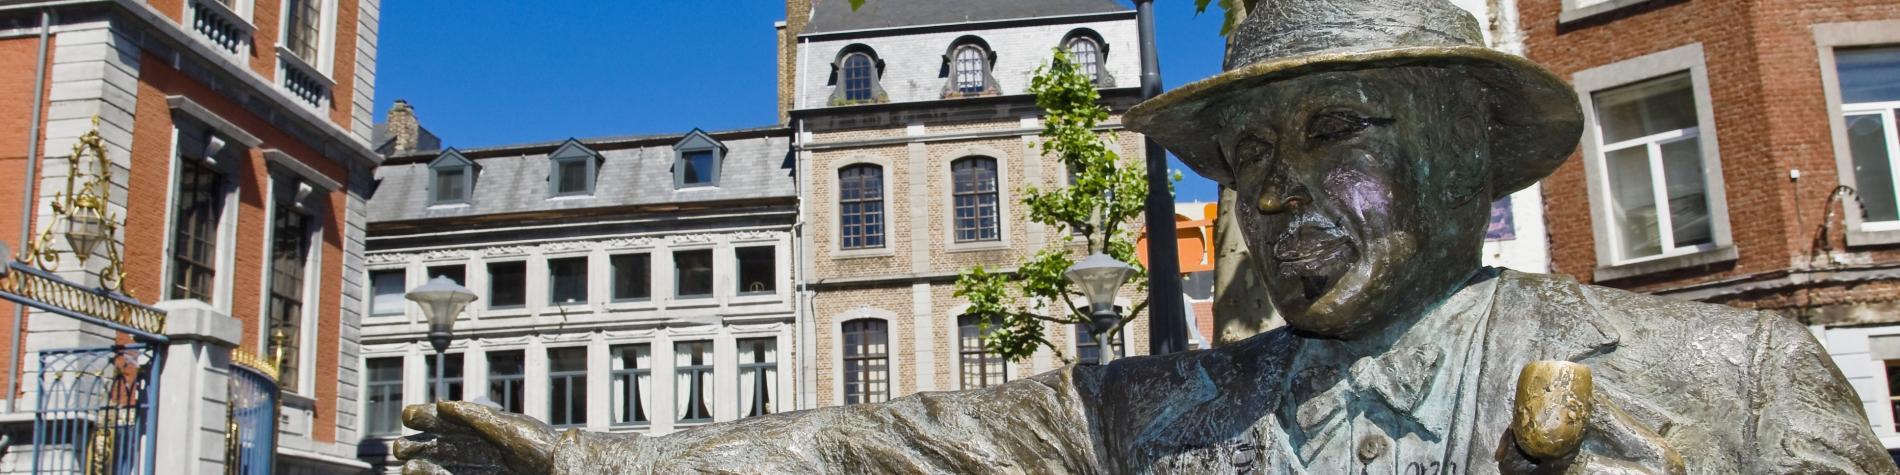 Liège - Statue - Georges Simenon - place - commissaire Maigret